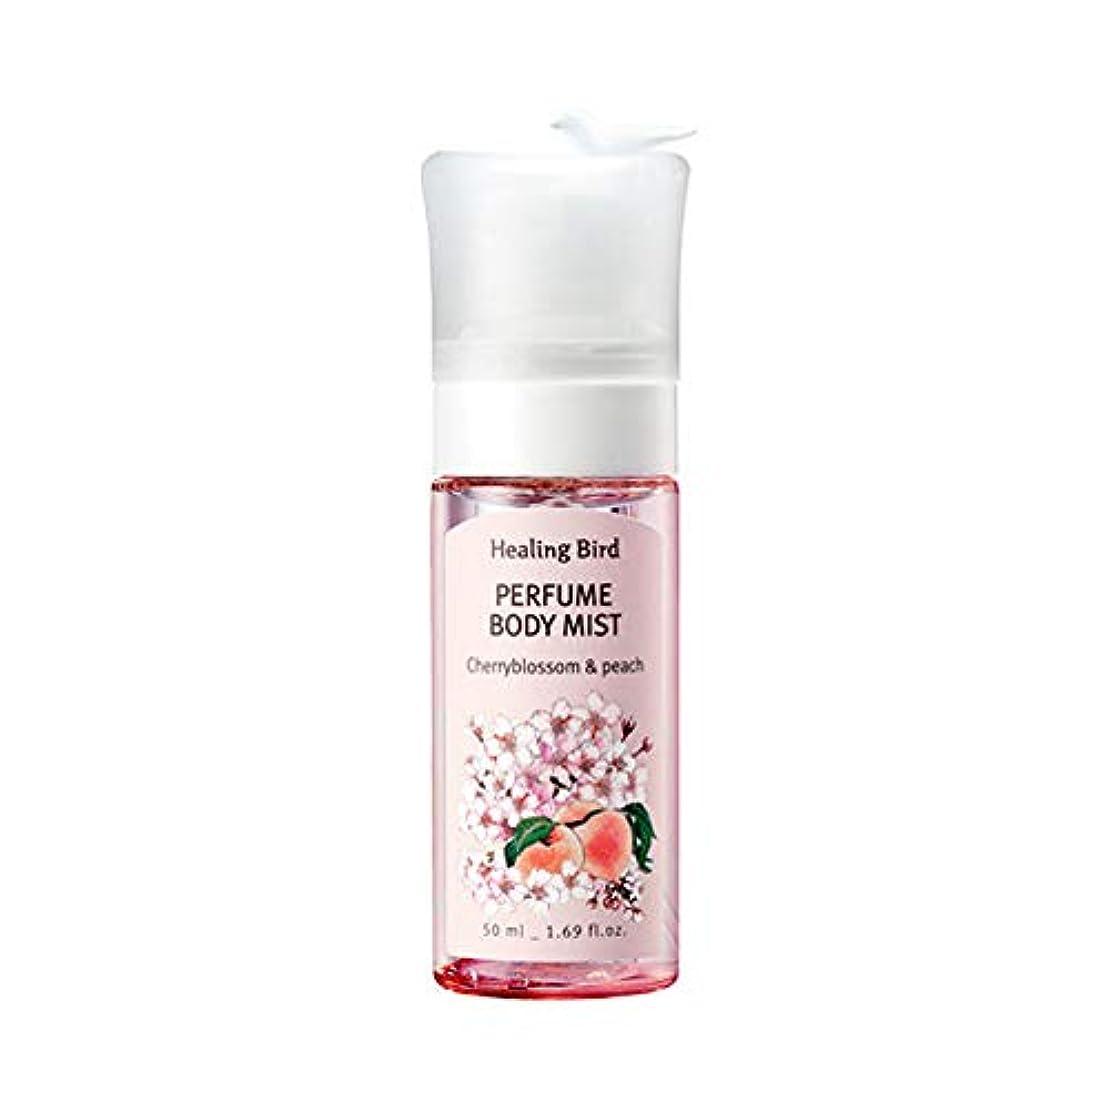 騒々しい実質的スマートHealing Bird Perfume Body Mist 50ml パヒュームボディミスト (Cherry Blossom & Peach) [並行輸入品]